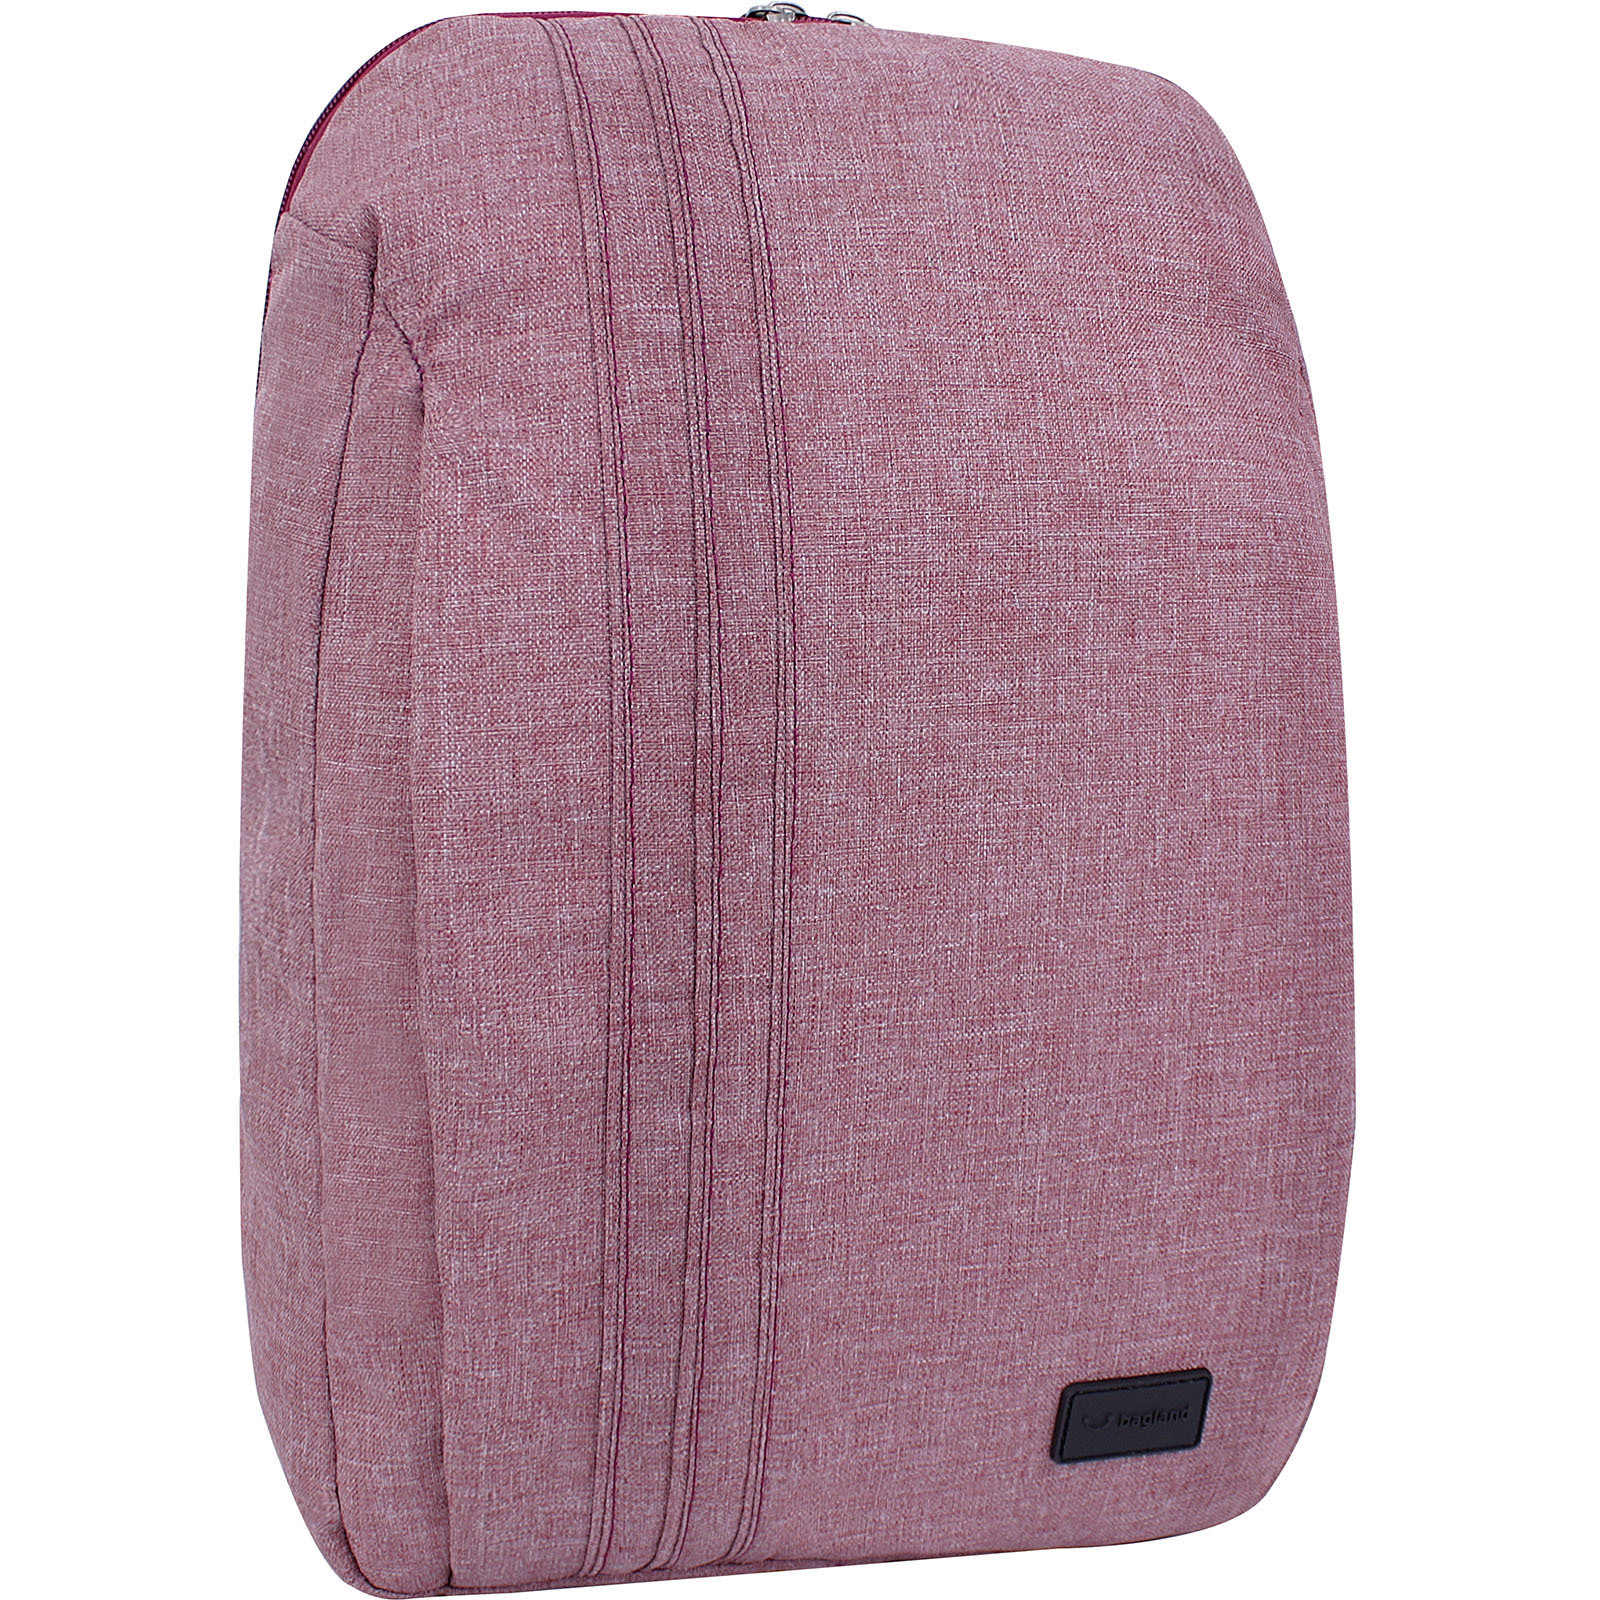 Рюкзаки для ноутбука Рюкзак Bagland Hope 13 л. бордо (0058369) IMG_4529.JPG